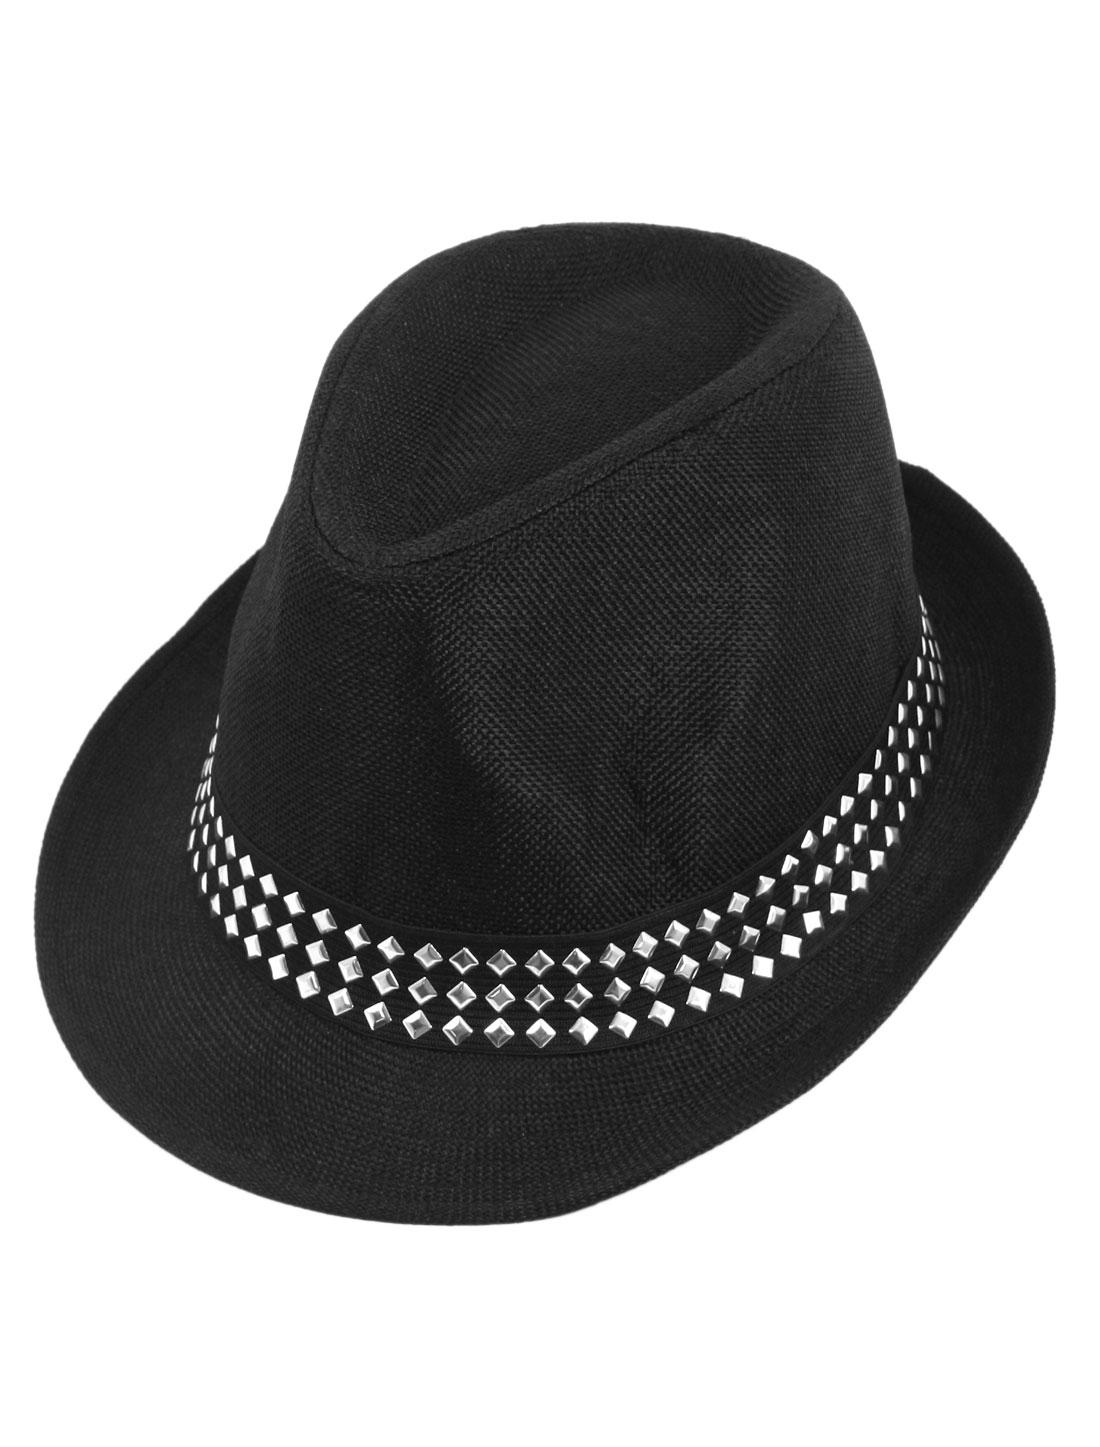 Black Rivet Decor Homburg Fedora Hat Visor Cap for Man